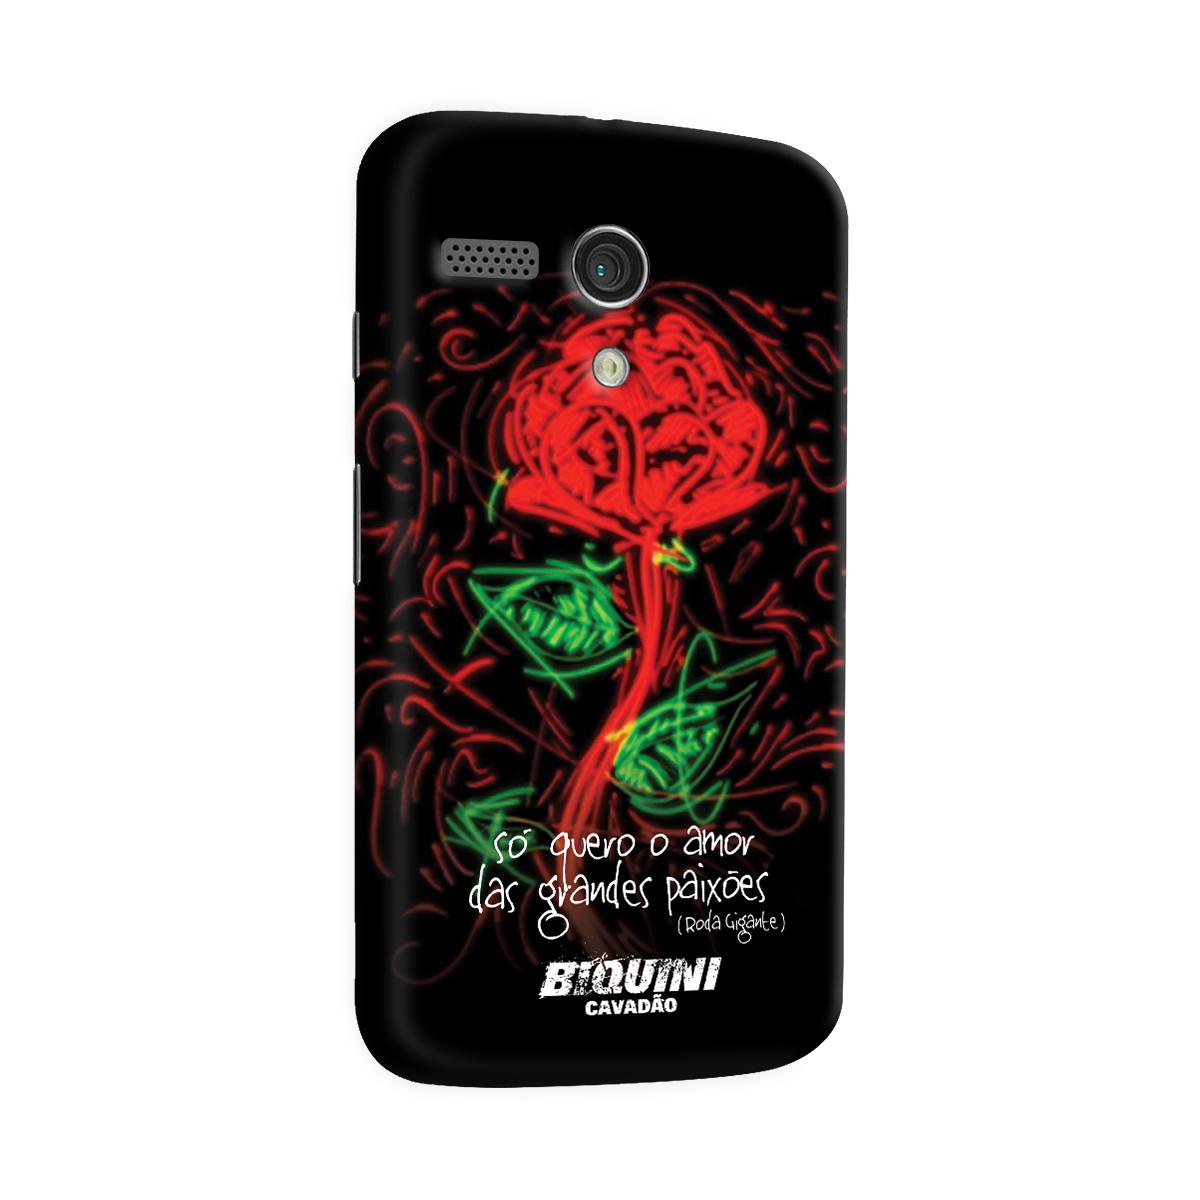 Capa para Motorola Moto G 1 Biquini Cavadão Só Quero o Amor das Grandes Paixões